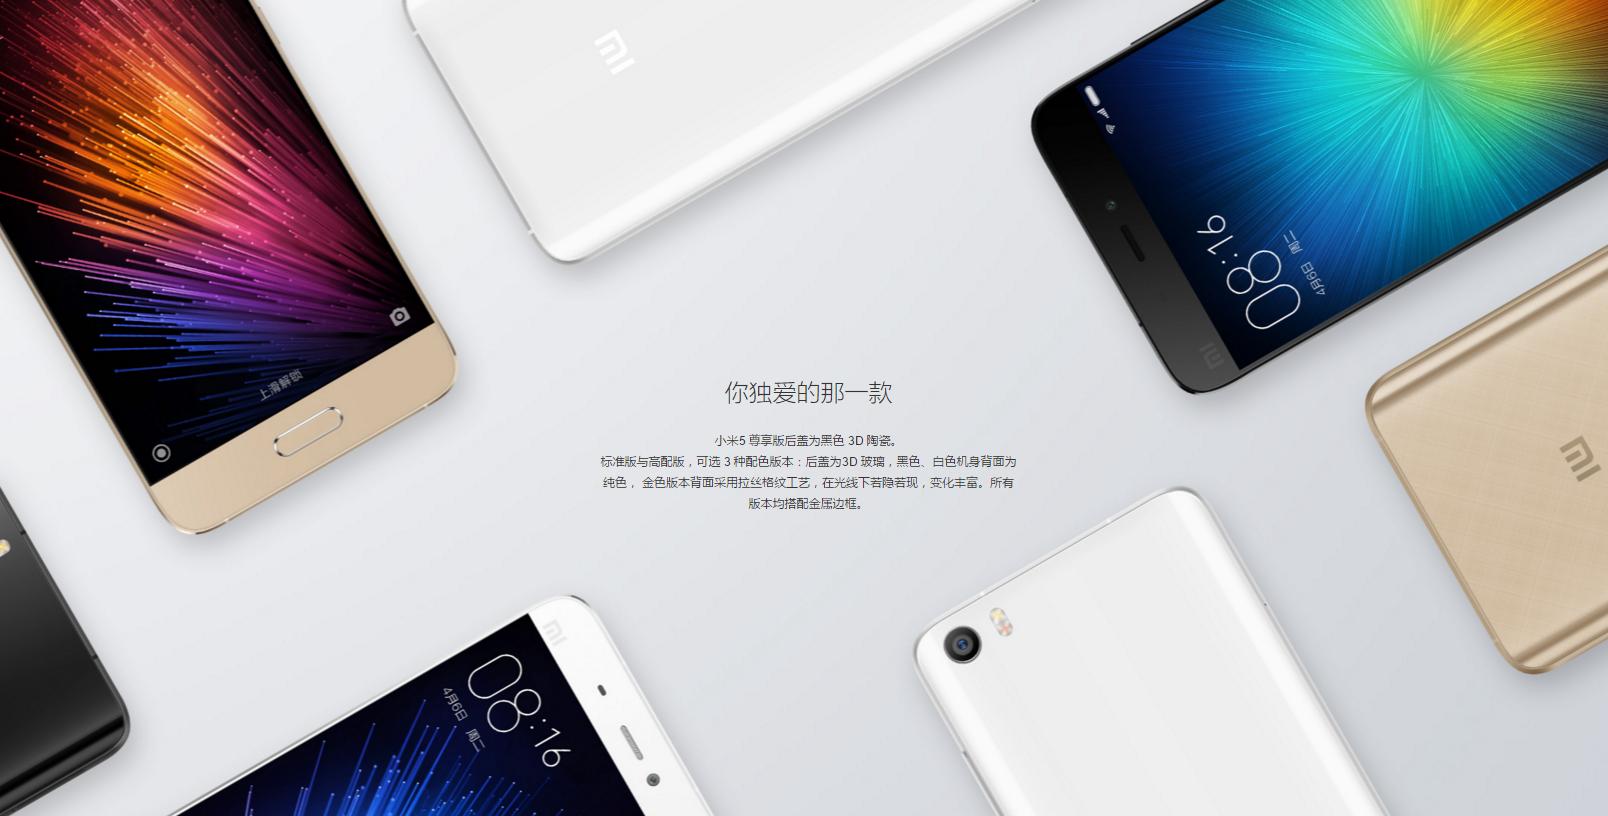 【激安199.99ドル!】怪物『Xiaomi Mi5』登場! 最高スペックのものはAnTuTuスコアも桁が違う!14万スコア